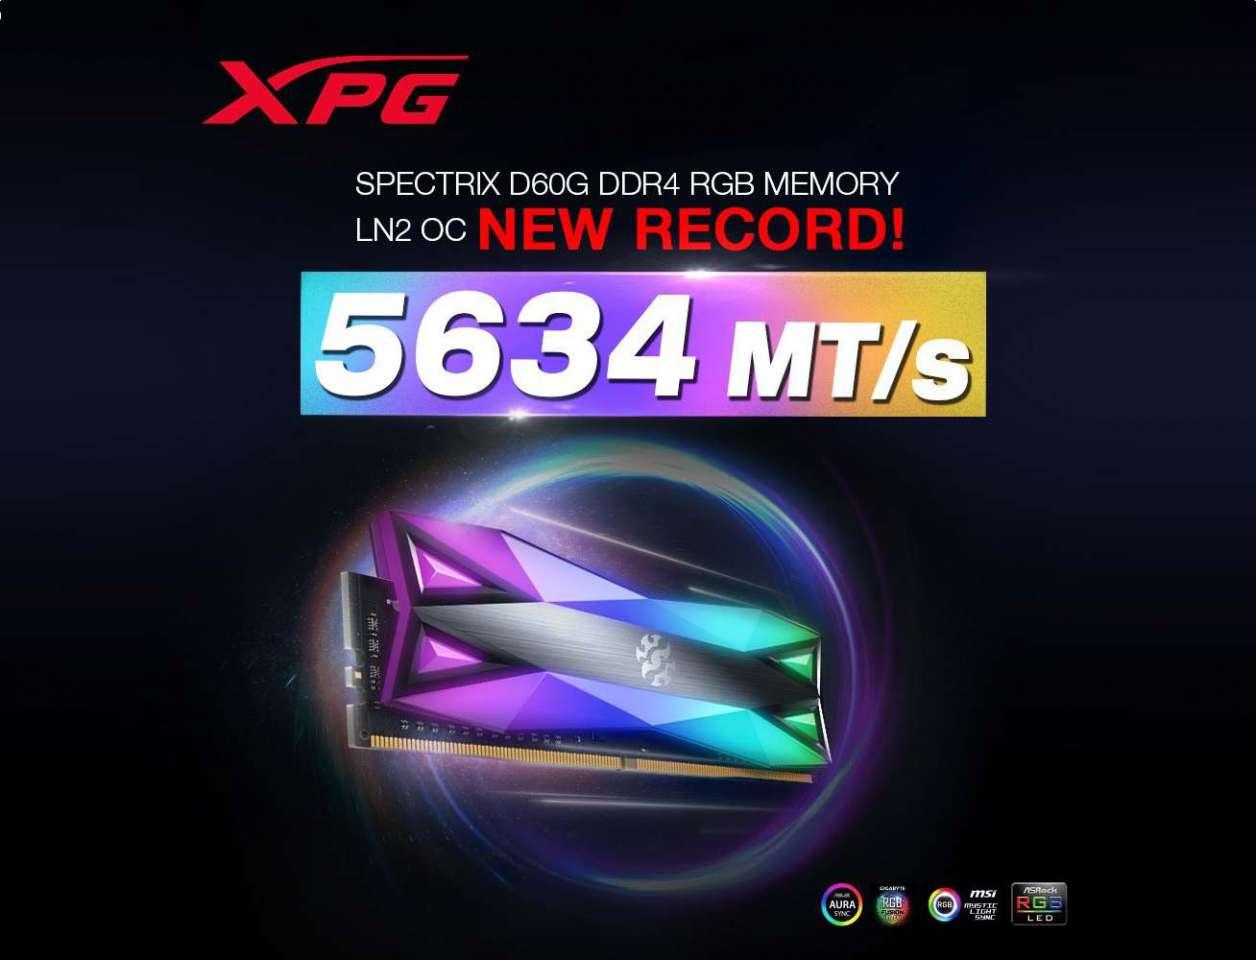 ADATA با ماژول رم XPG SPECTRIX D60G به سرعت 5634 مگاهرتزی دست یافت